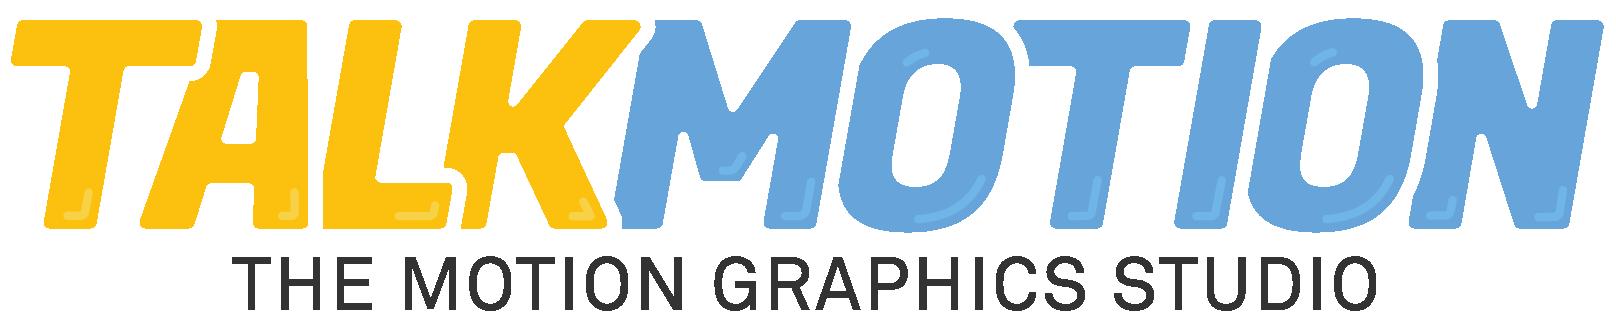 TalkMotion Videos